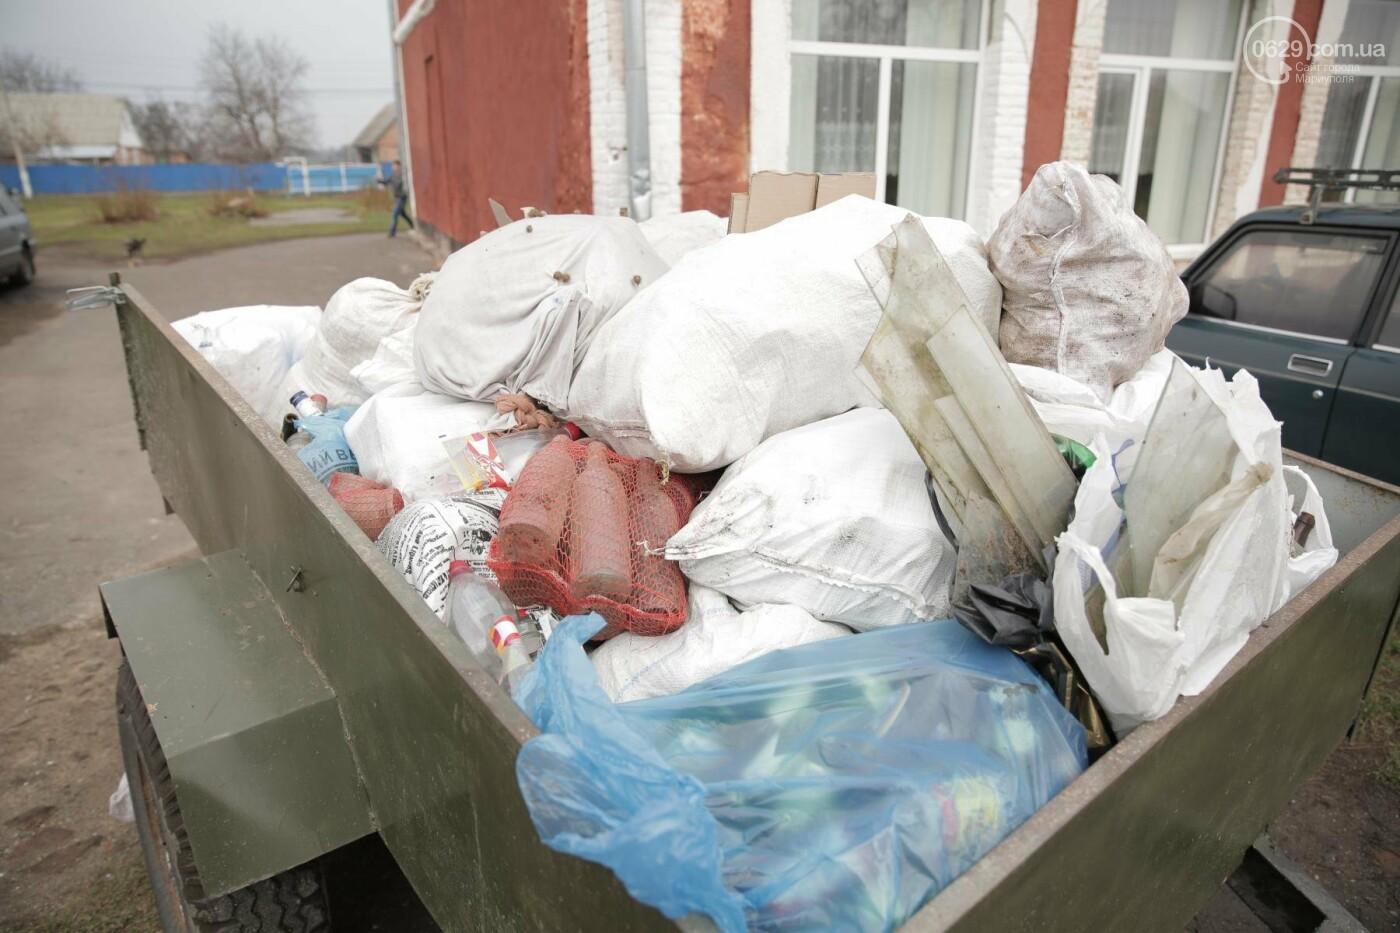 Сортировка мусора: почему это не работает в Мариуполе и как это работает в Виннице (ФОТО), фото-5